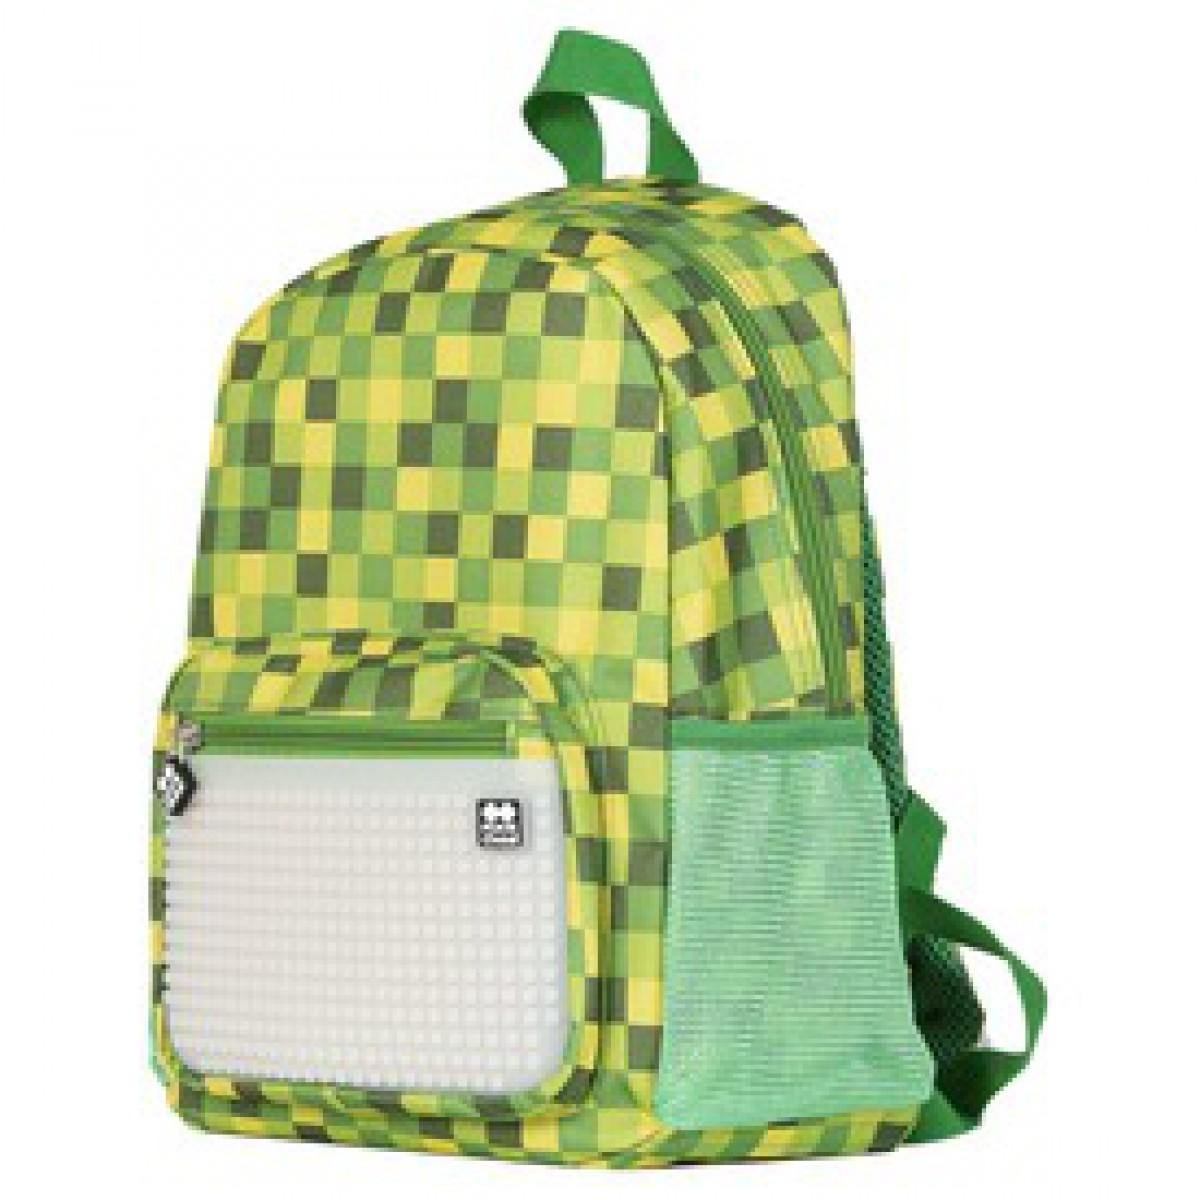 f3a6744717 Pixie sötétben világító iskolás hátizsák, iskolatáska - zöld